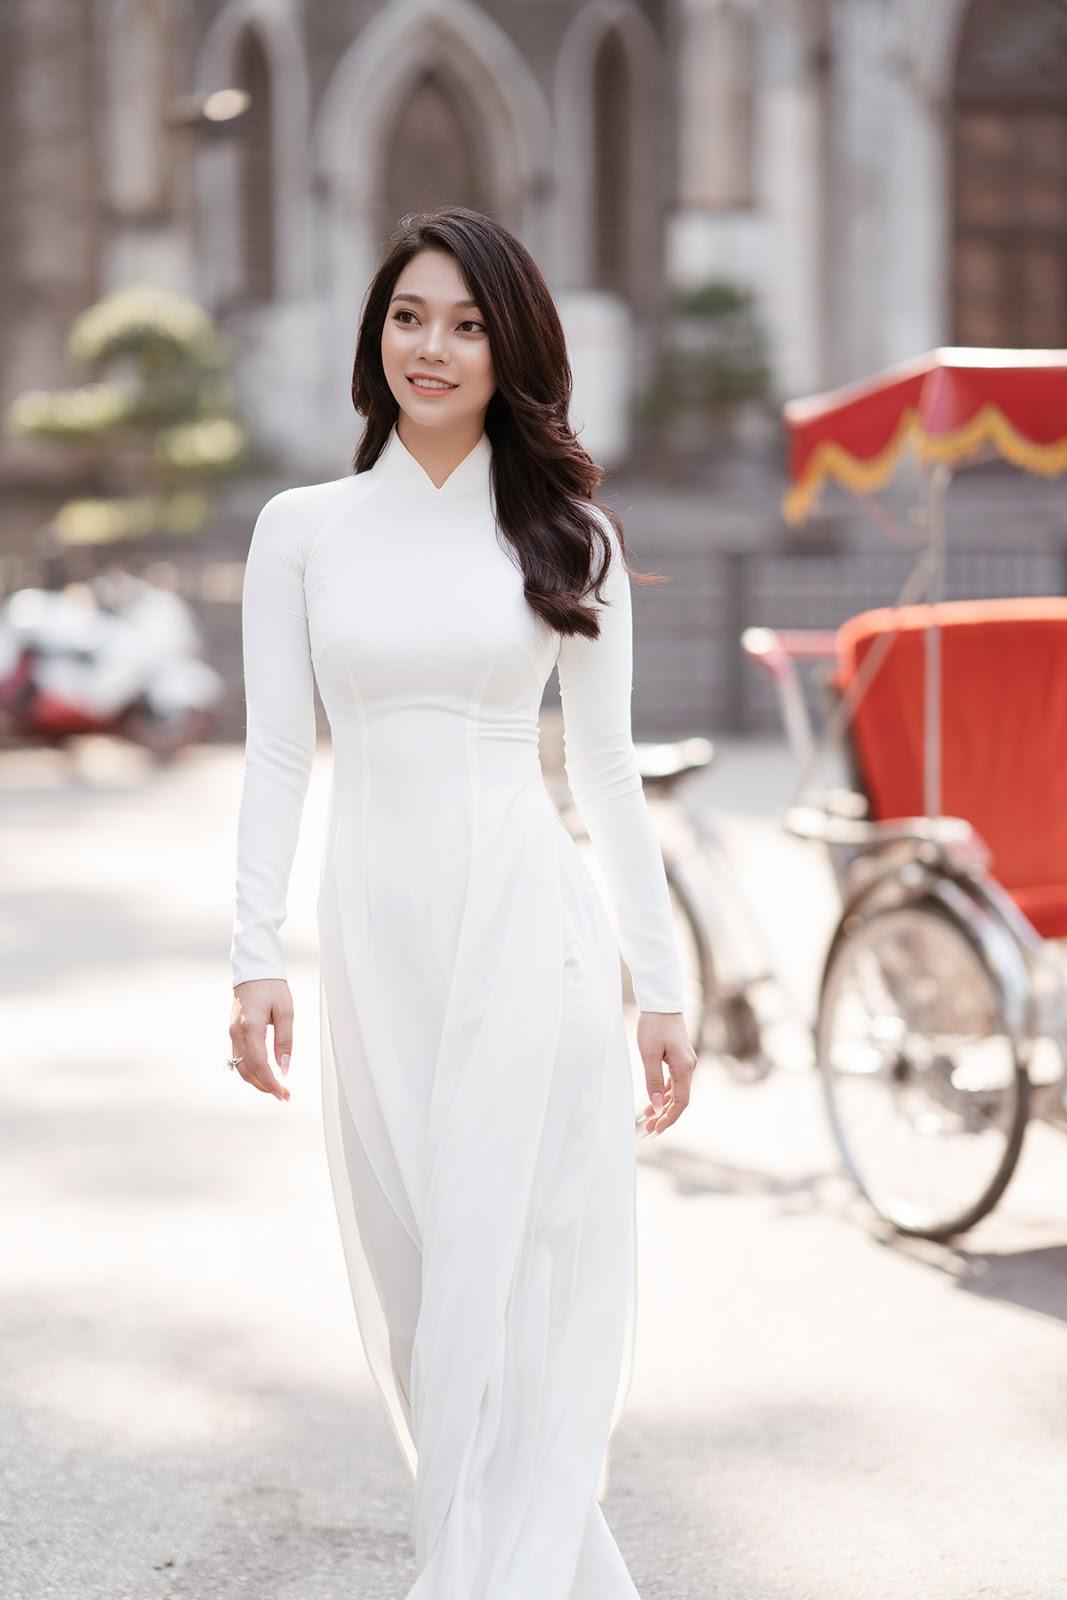 Lâm Thu Hồng gây sốc khi diện áo dài mỏng tang chụp ảnh giữa thời tiết Hà Nội dưới 15 độ C khắc nghiệt - Hình 3